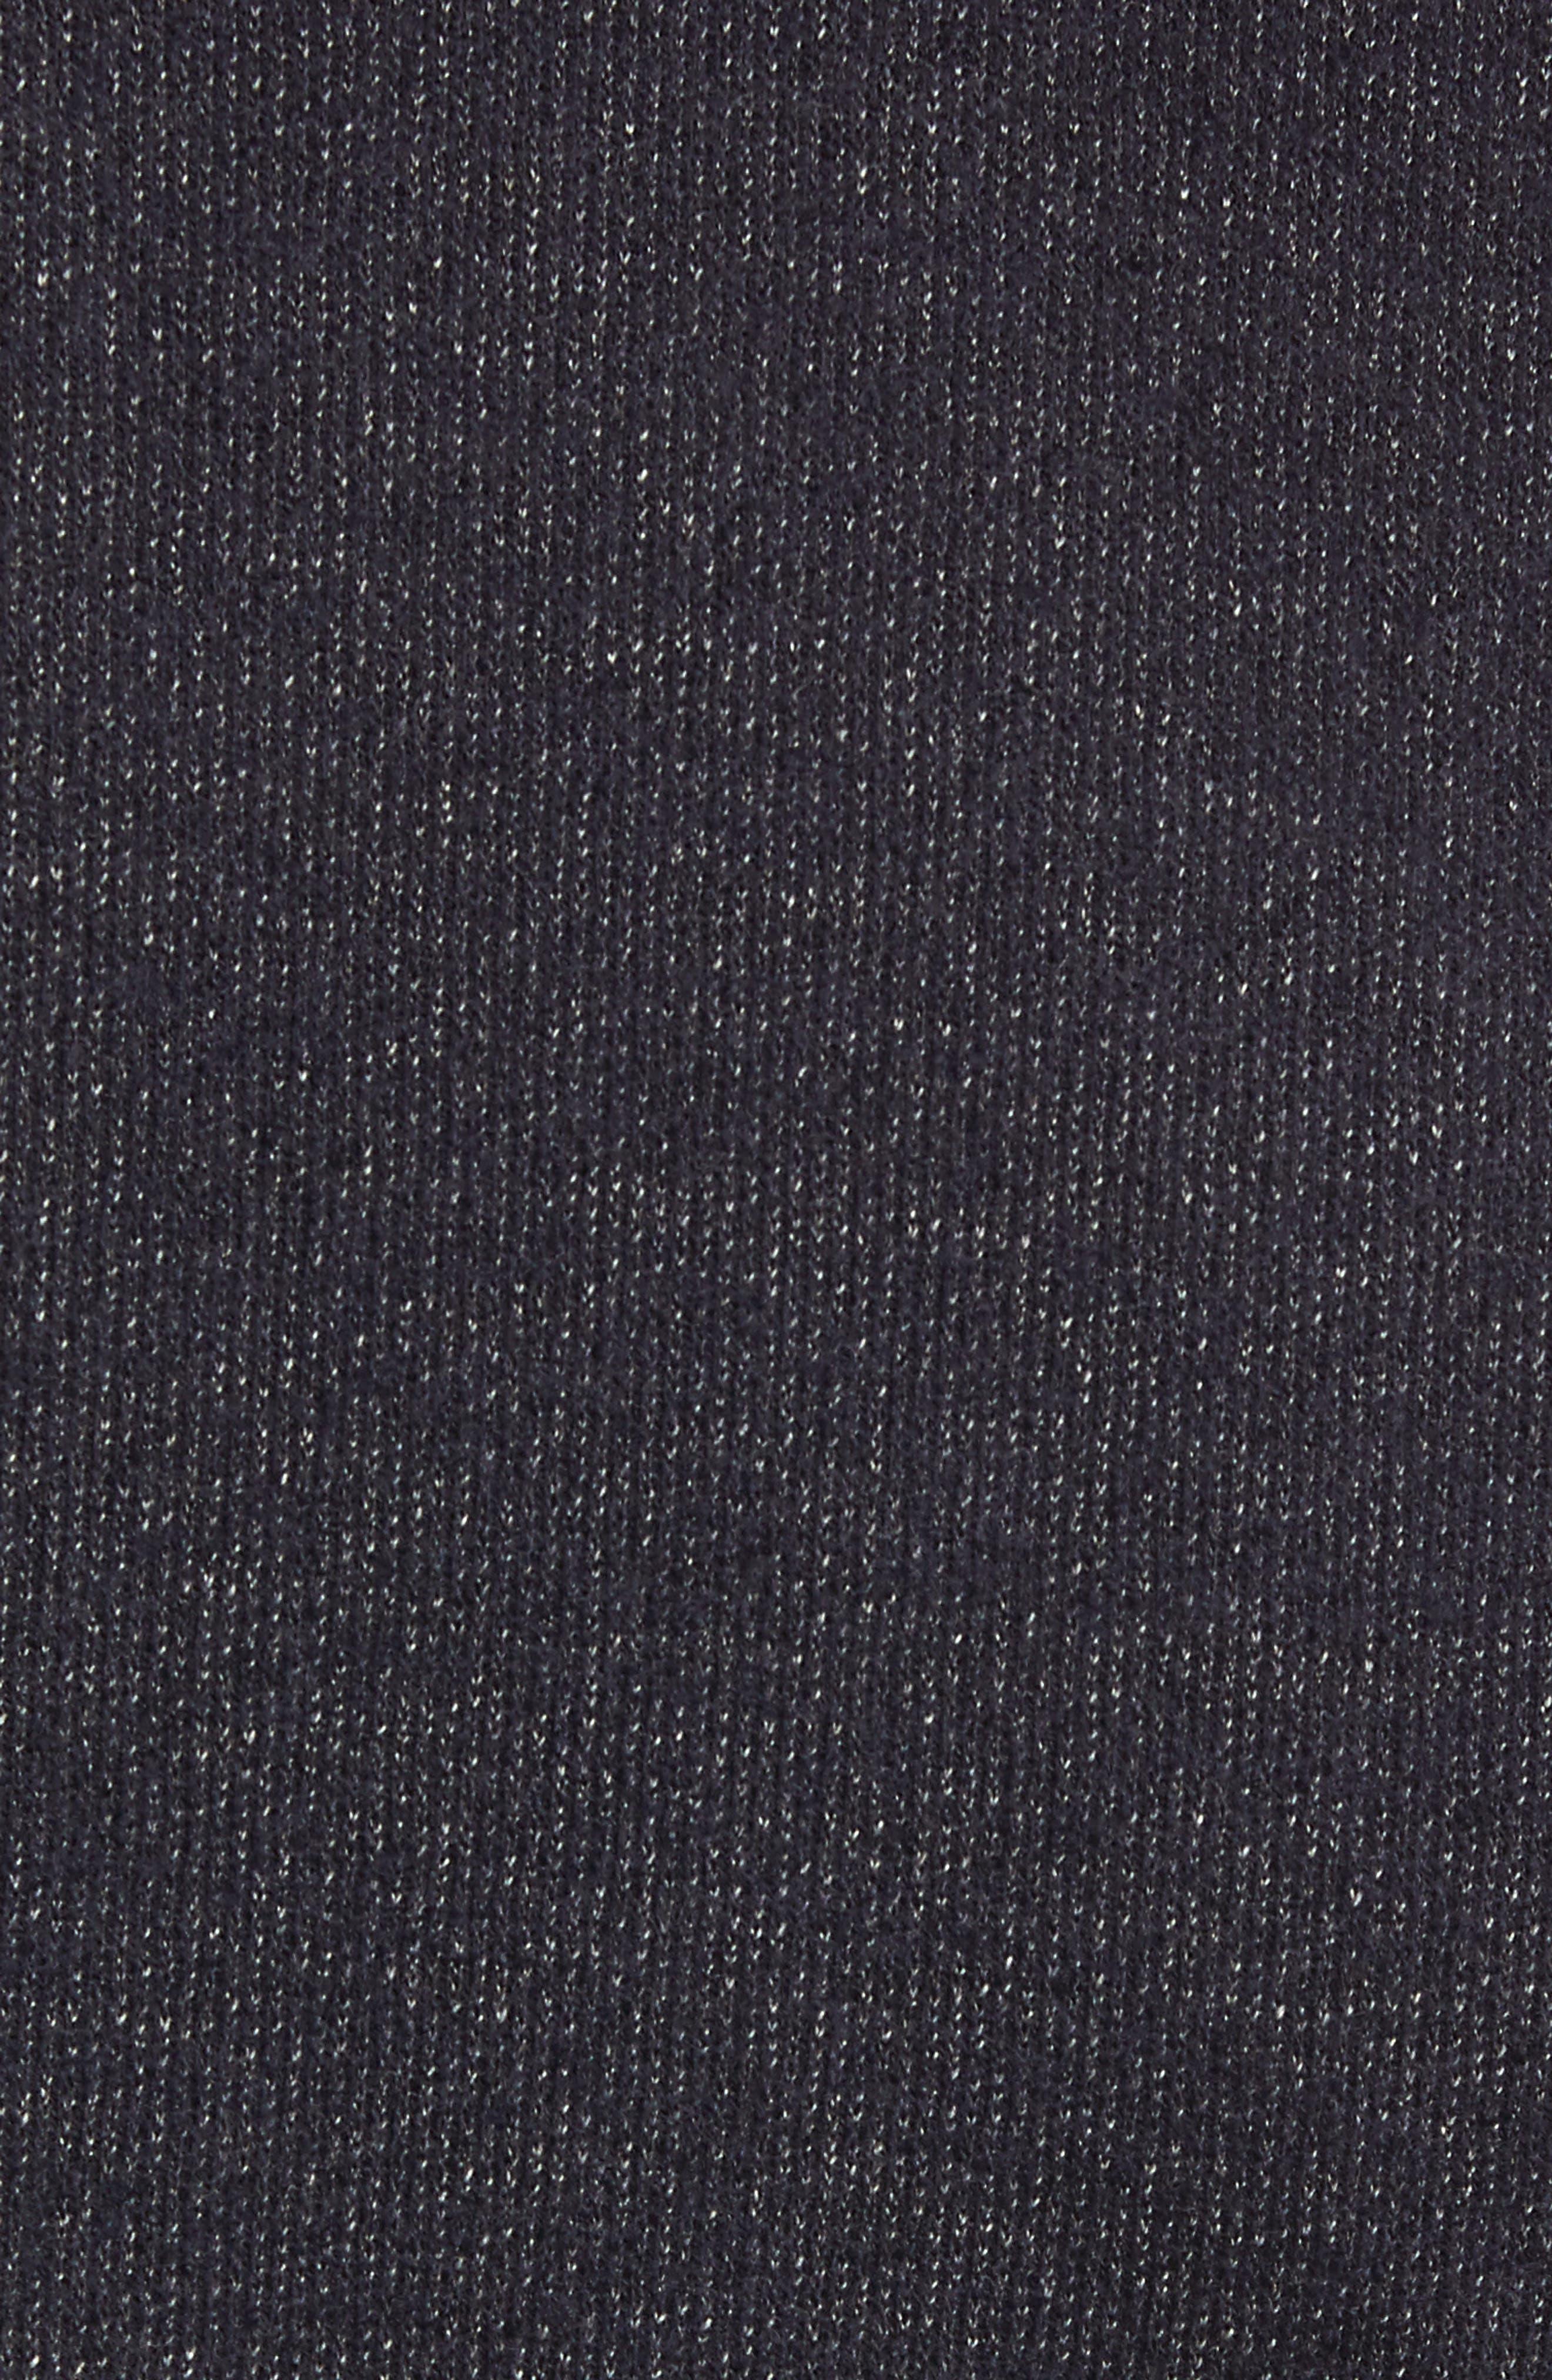 Trim Fit Cotton Blend Blazer,                             Alternate thumbnail 6, color,                             NAVY